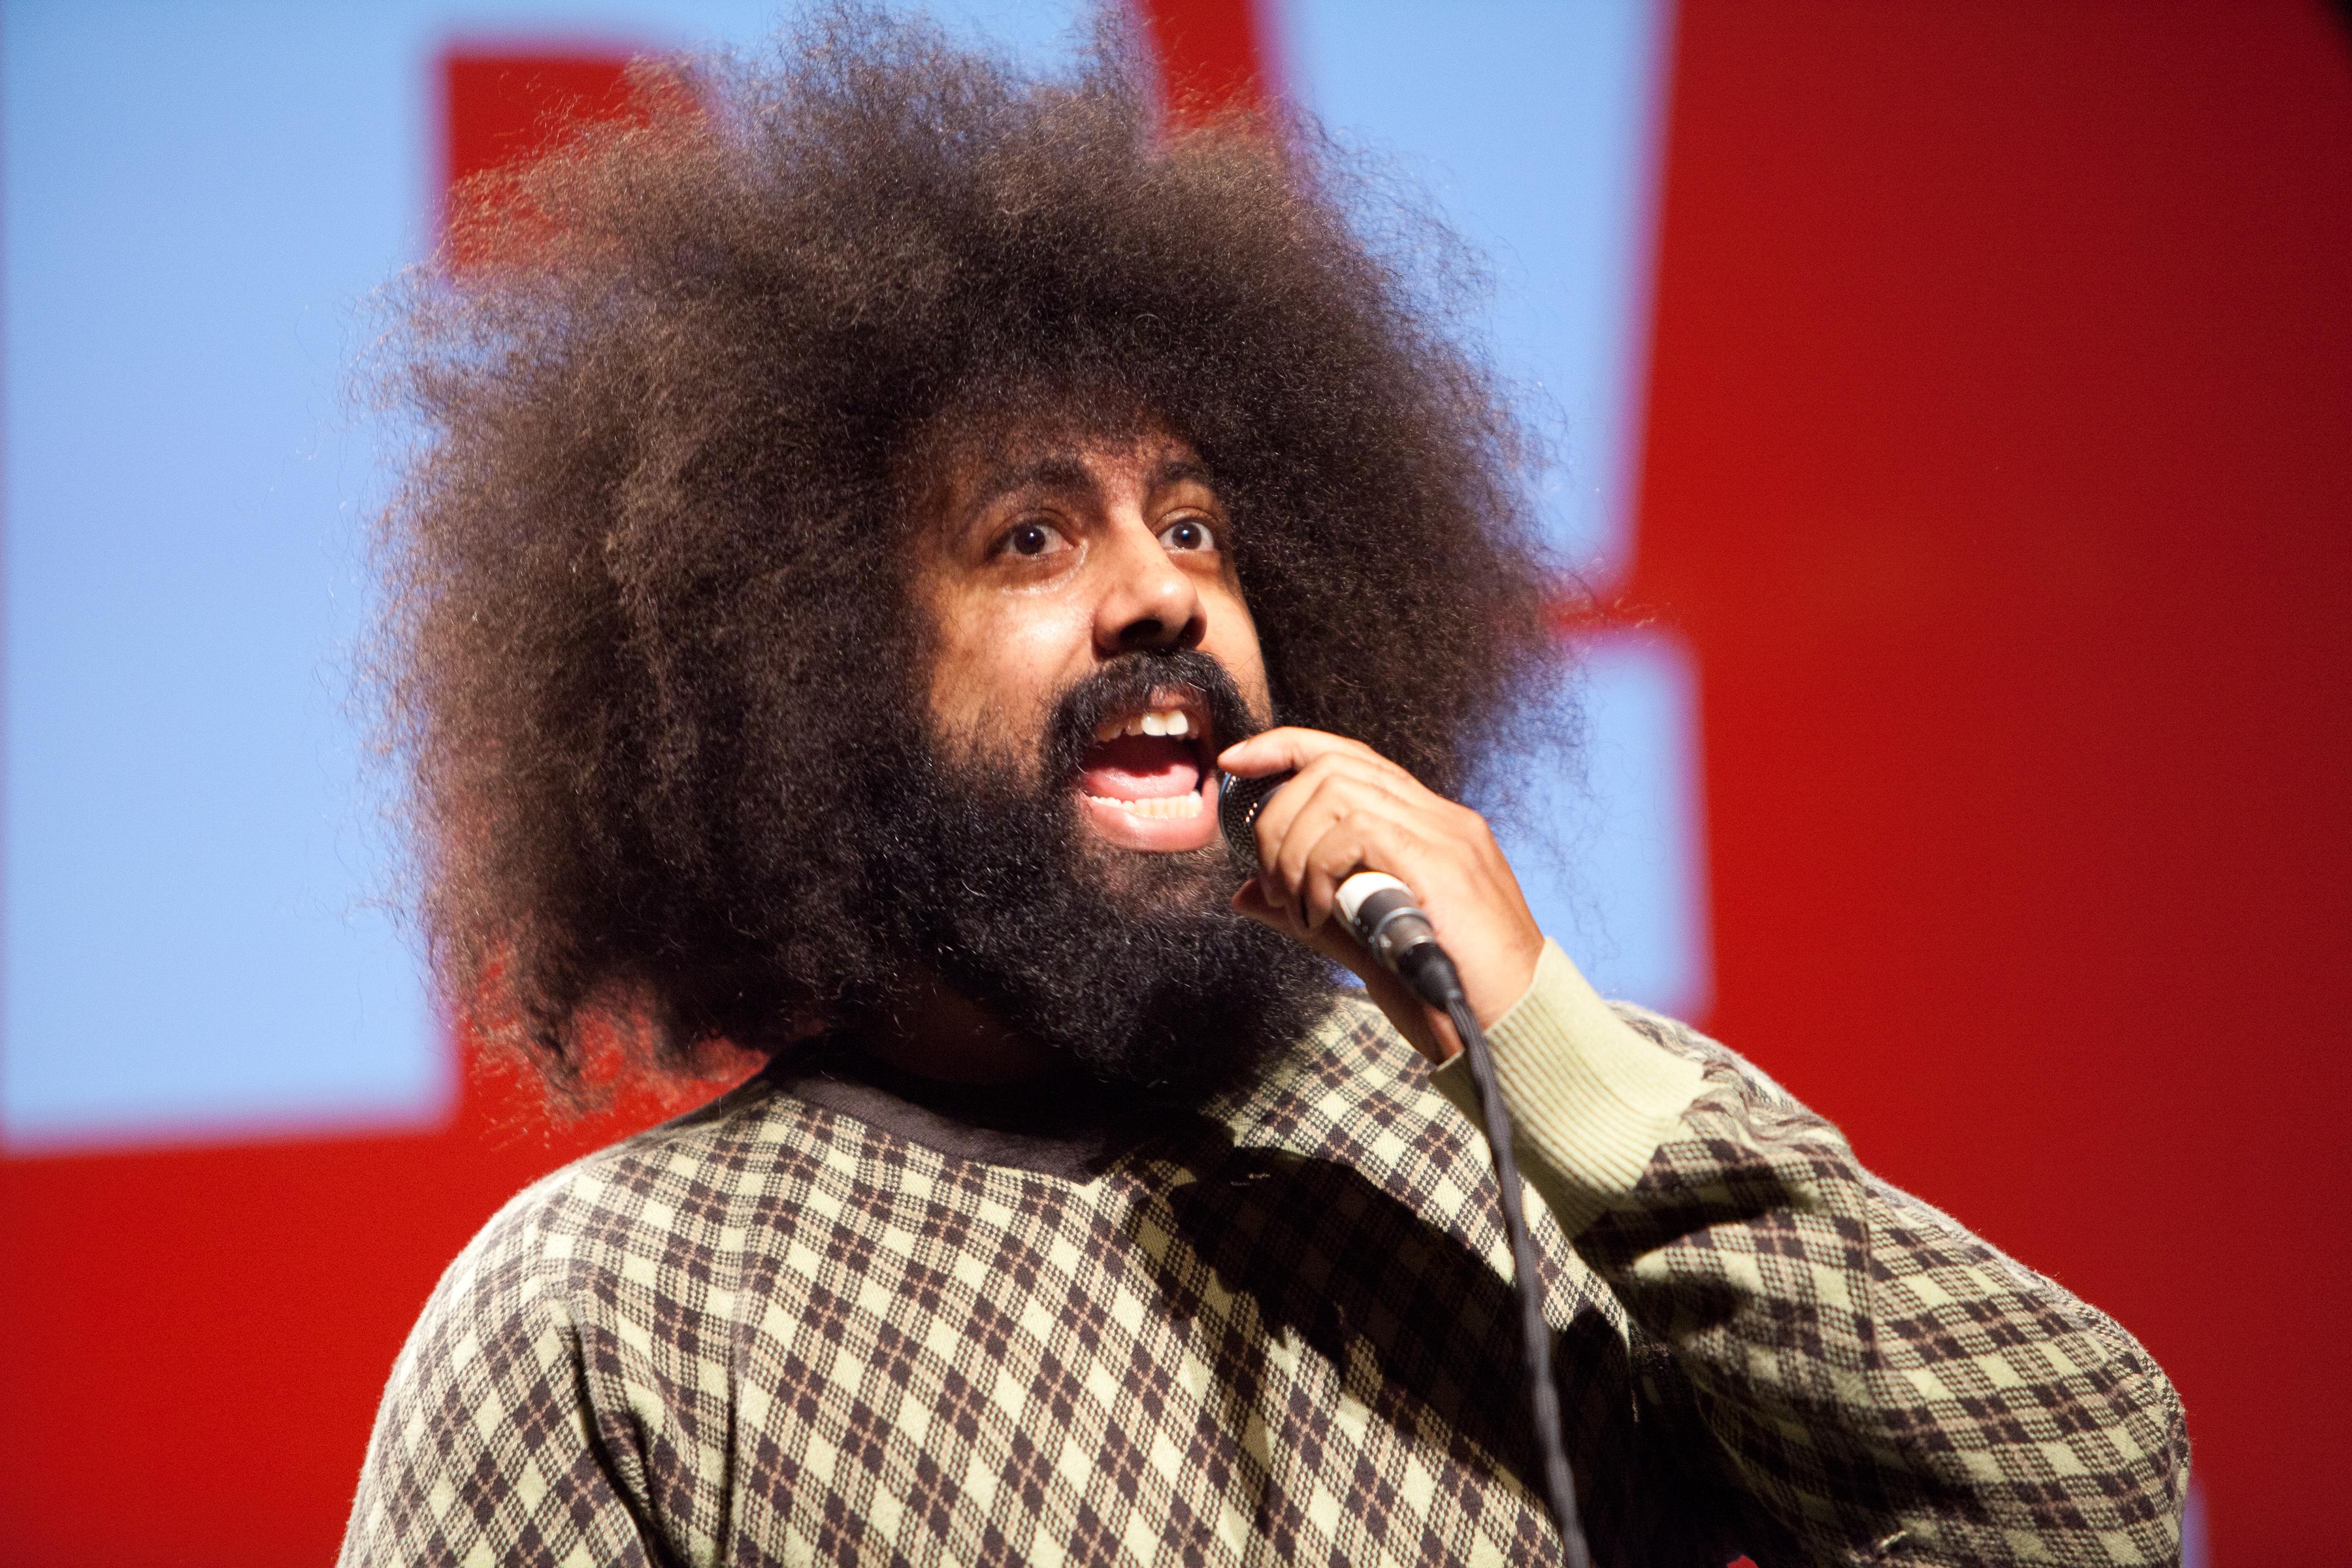 Reggie_Watts_at_PopTech_2011_(a).jpg